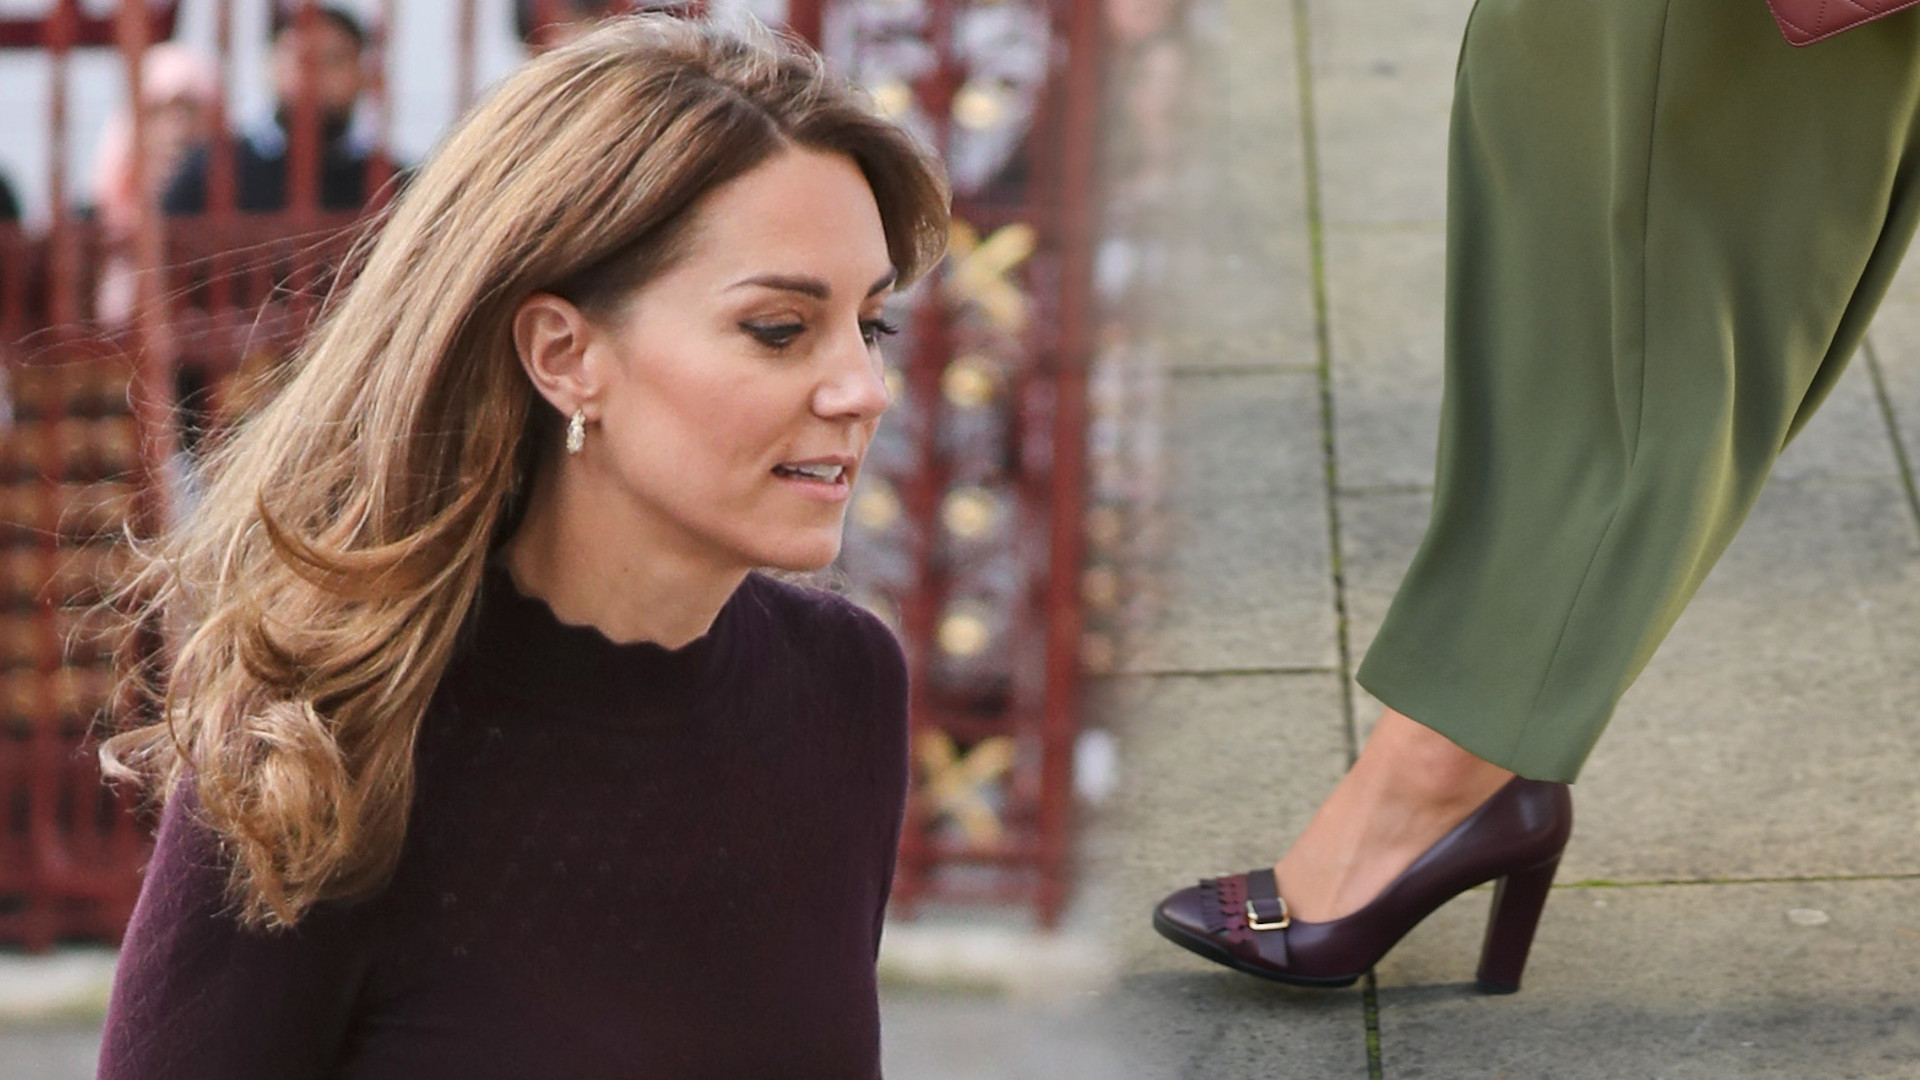 Księżna Kate w modnych kulotach i z torebką Chanel (ZDJĘCIA)